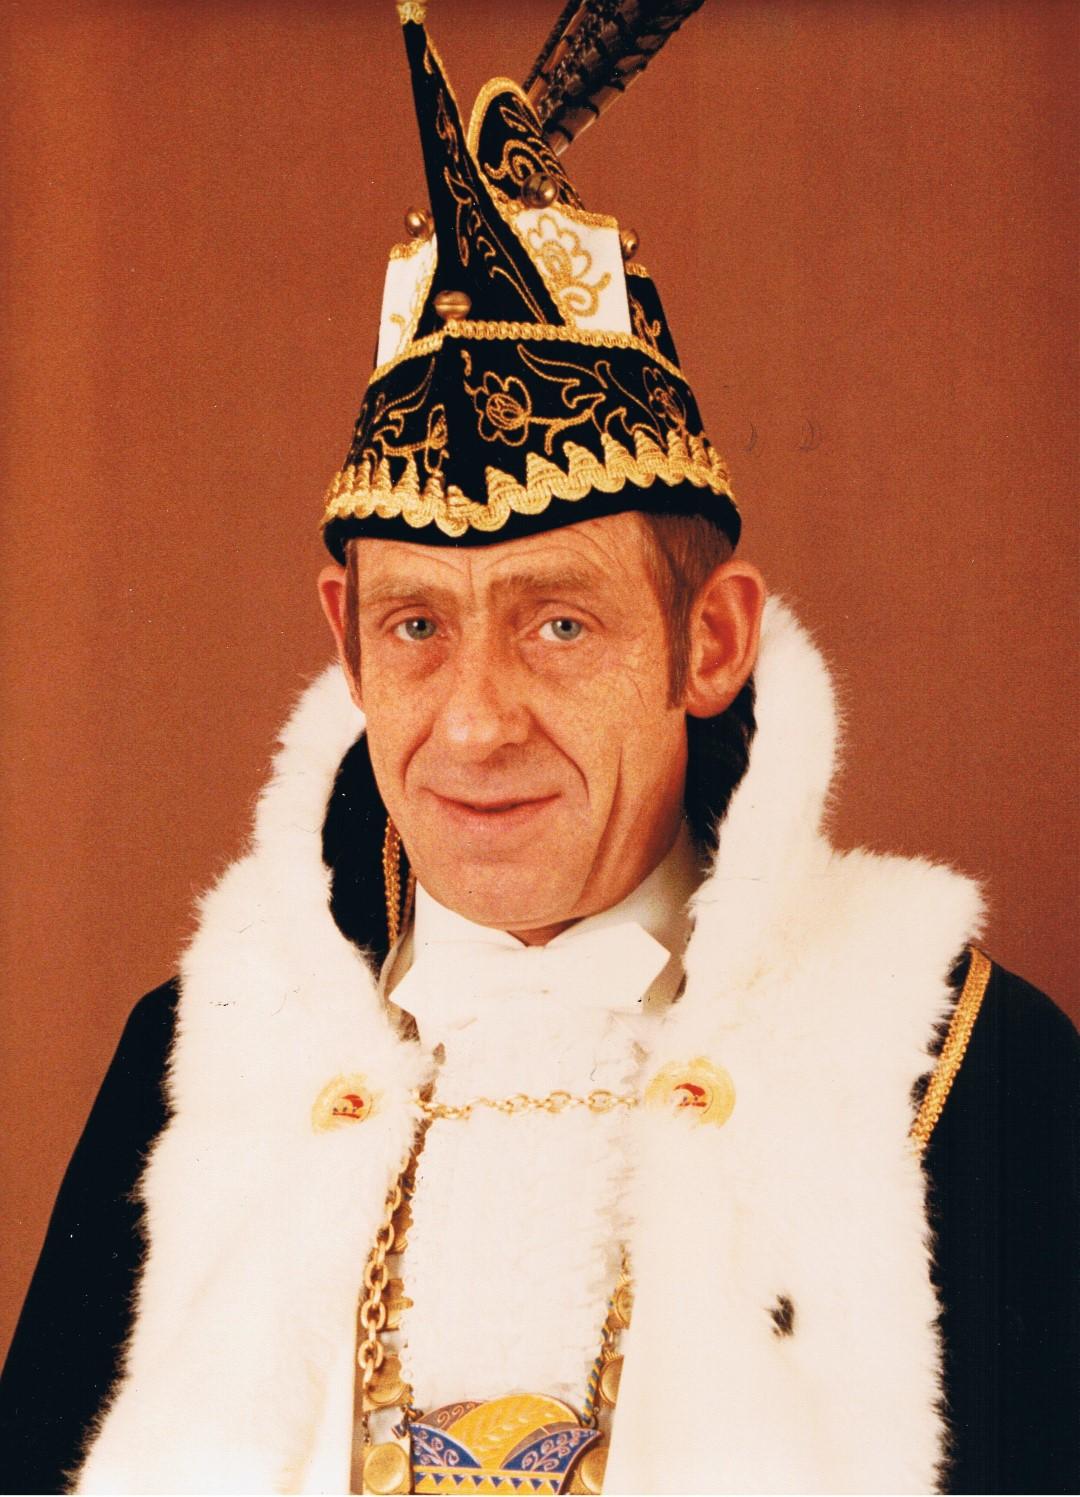 1985 1986 Prins Otto de 1e Otto Kerklaan